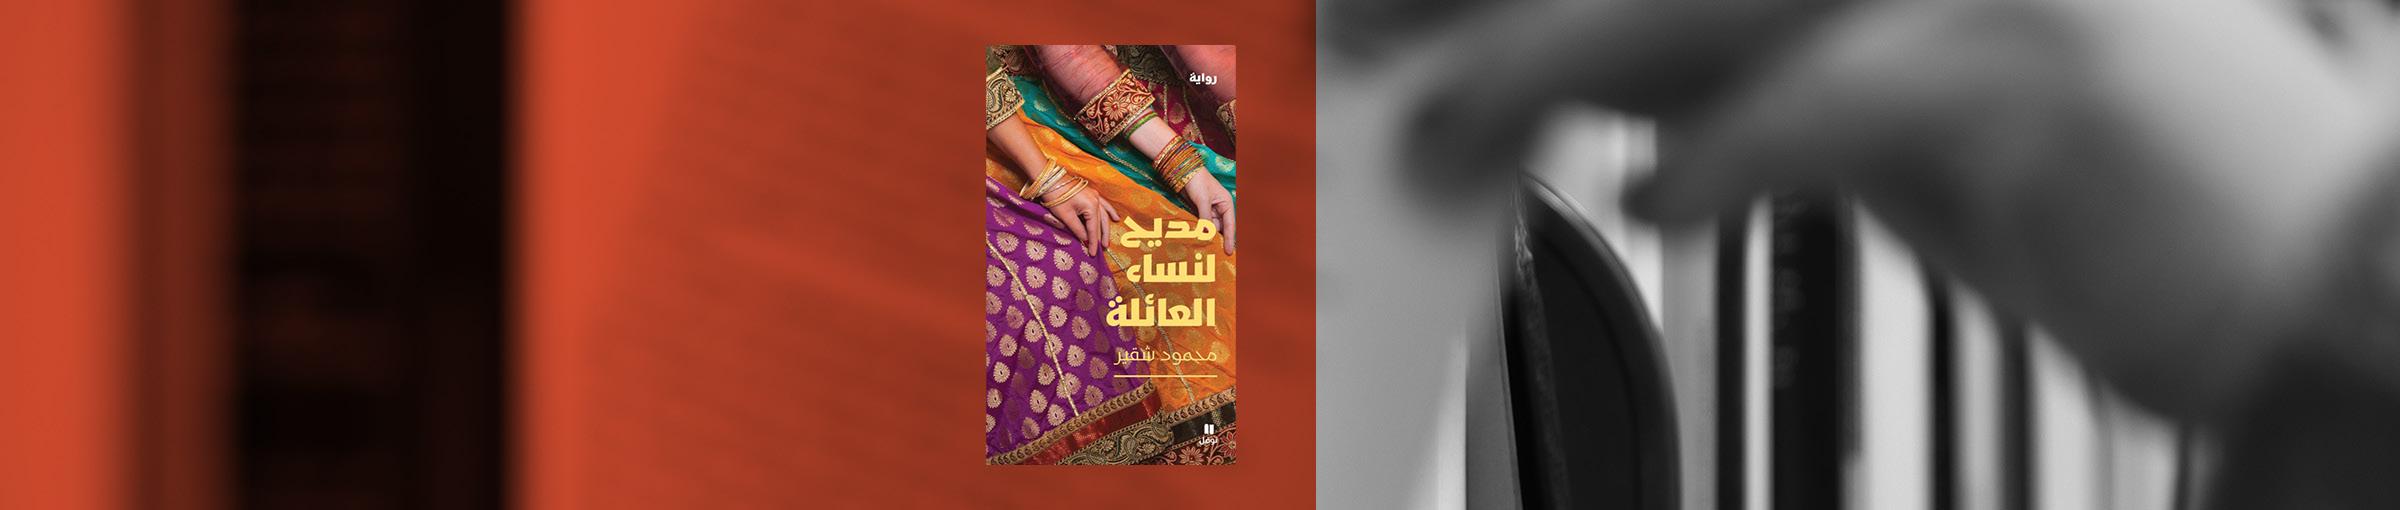 """""""مديح لنساء العائلة""""، سيرة عشيرة من بدو فلسطين"""